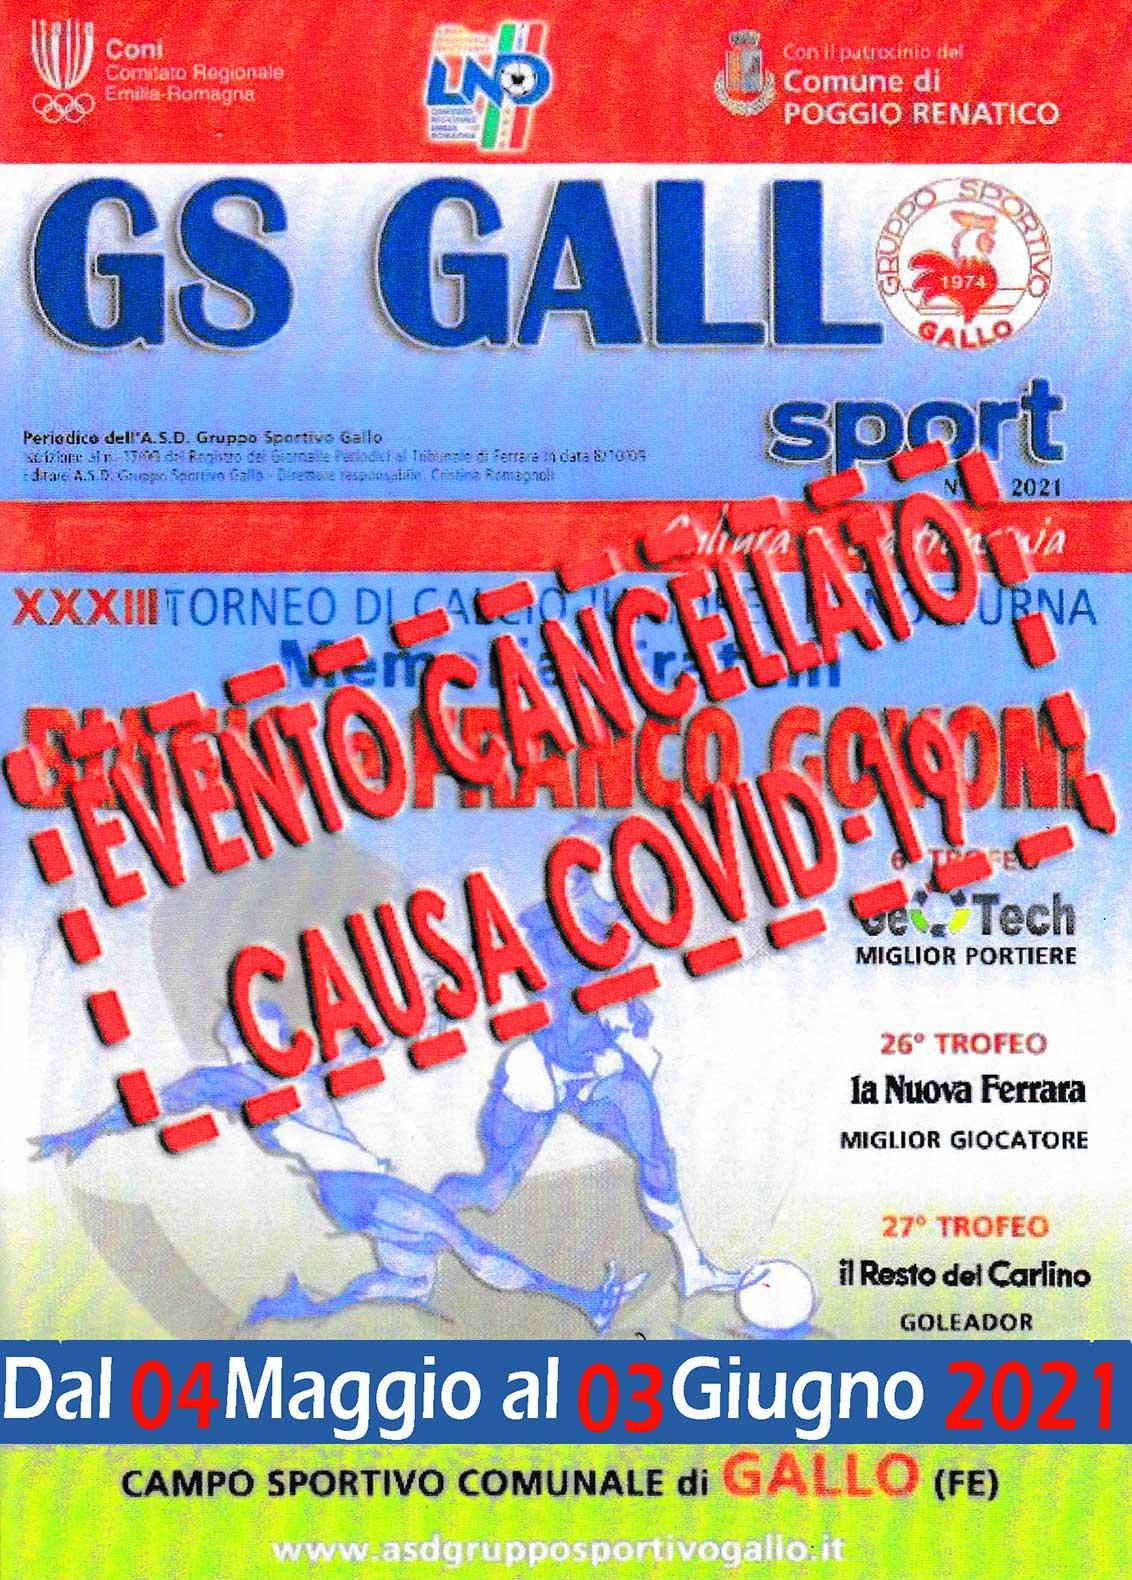 XXXIII-Torneo-Govoni-locandina-no-covid